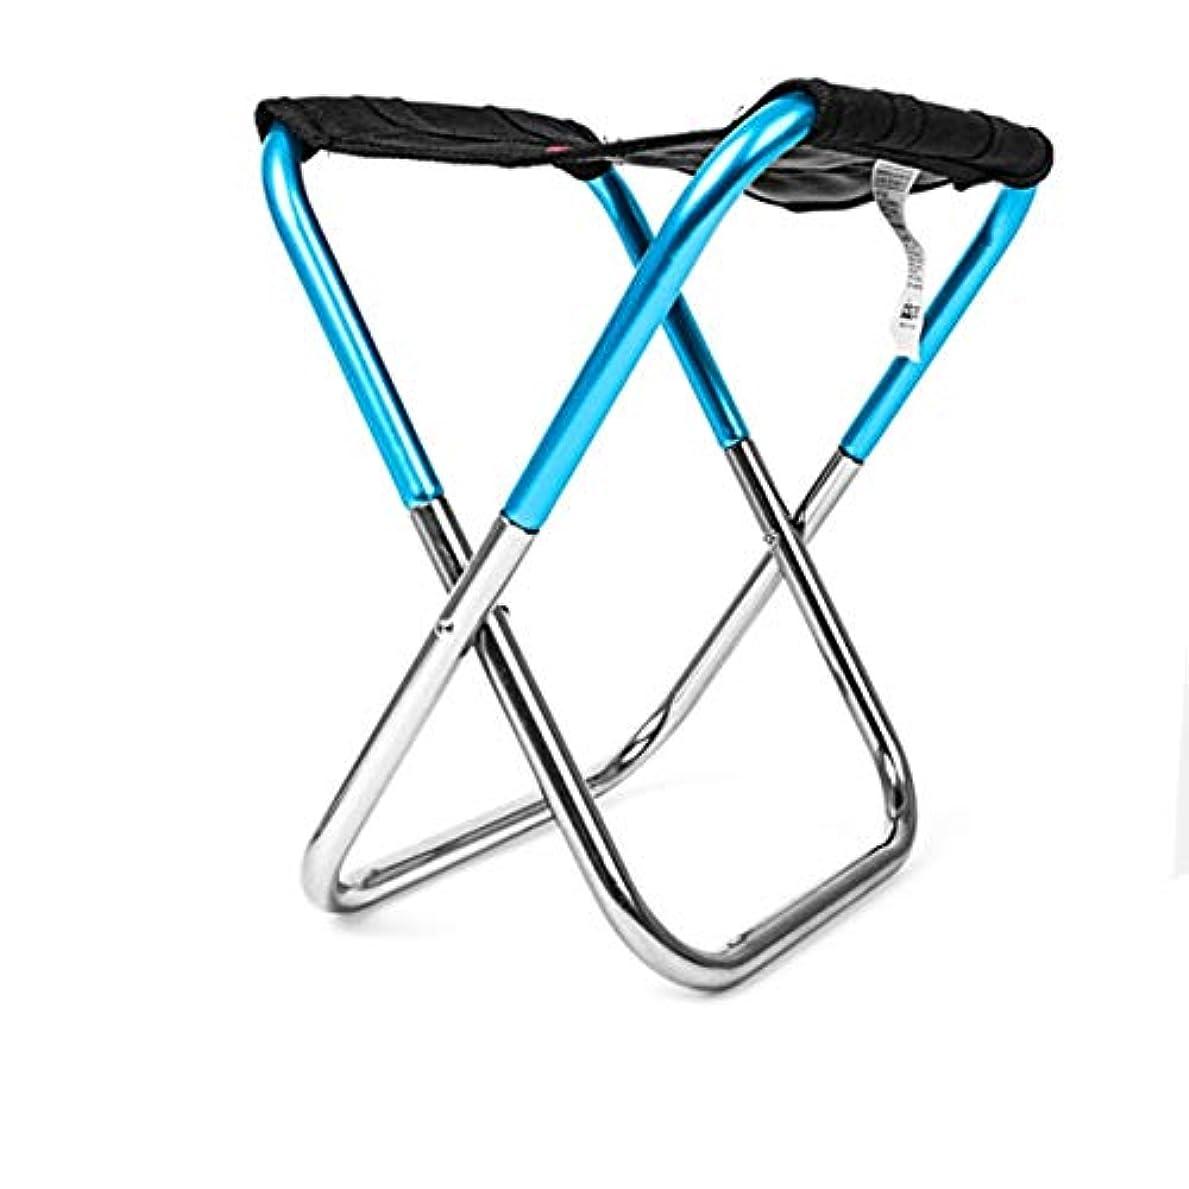 満了押すクルーズ屋外折りたたみシートチェア折りたたみミニスツールポータブルキャンプフィッシングトレインベンチ折りたたみ式並んだスツール-ブルー